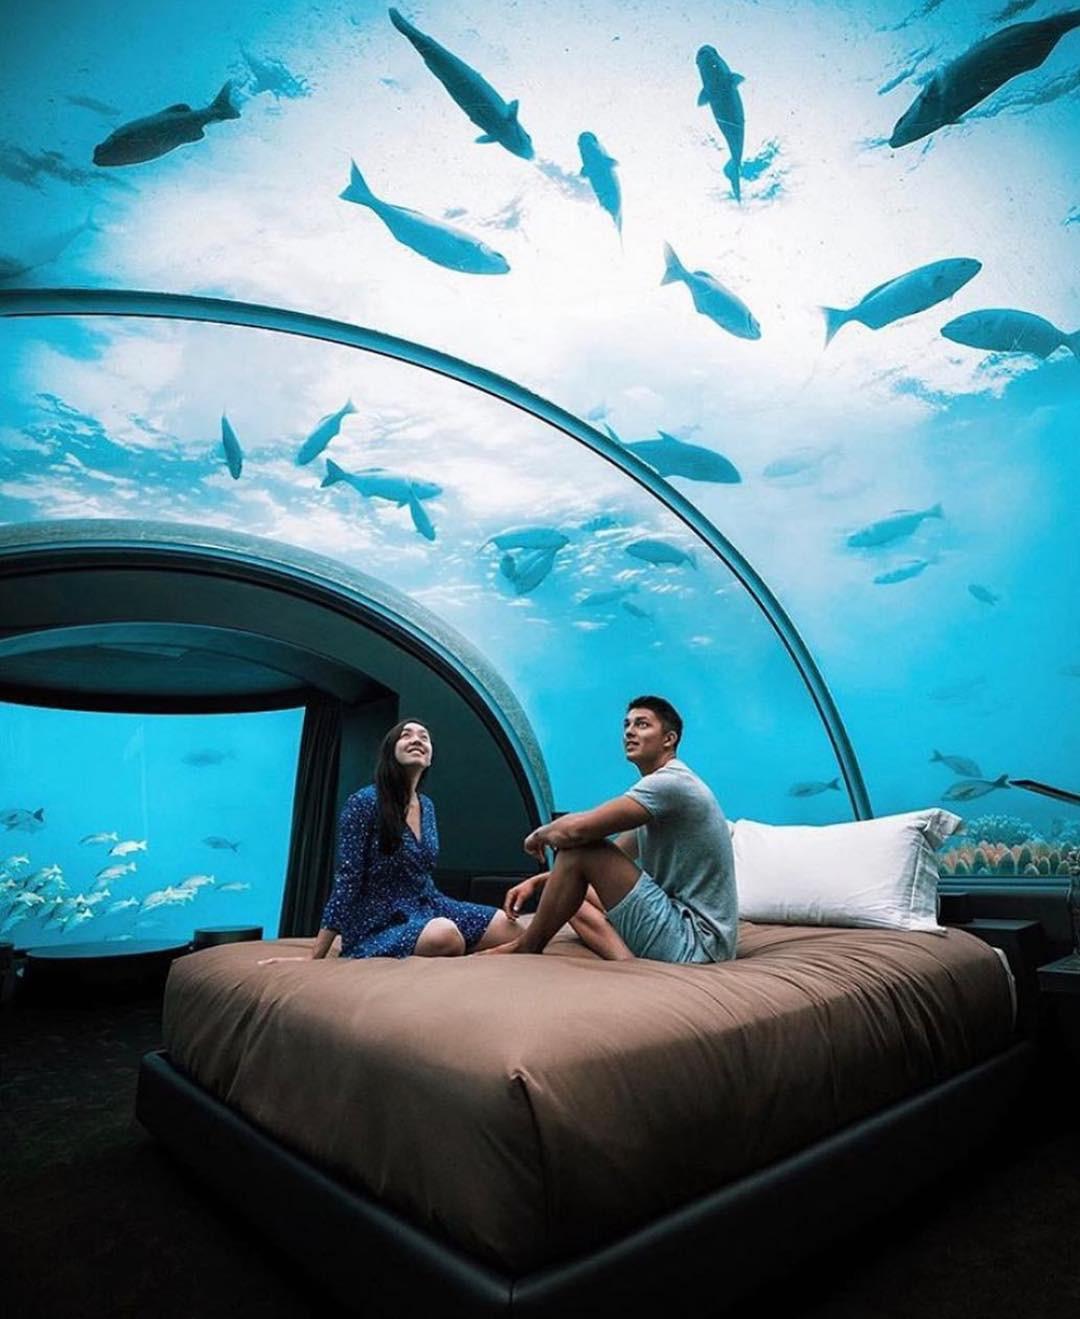 Loá mắt với khách sạn triệu đô dưới đáy biển Ấn Độ Dương mà chỉ giới siêu giàu mới đủ tiền thuê - Ảnh 3.